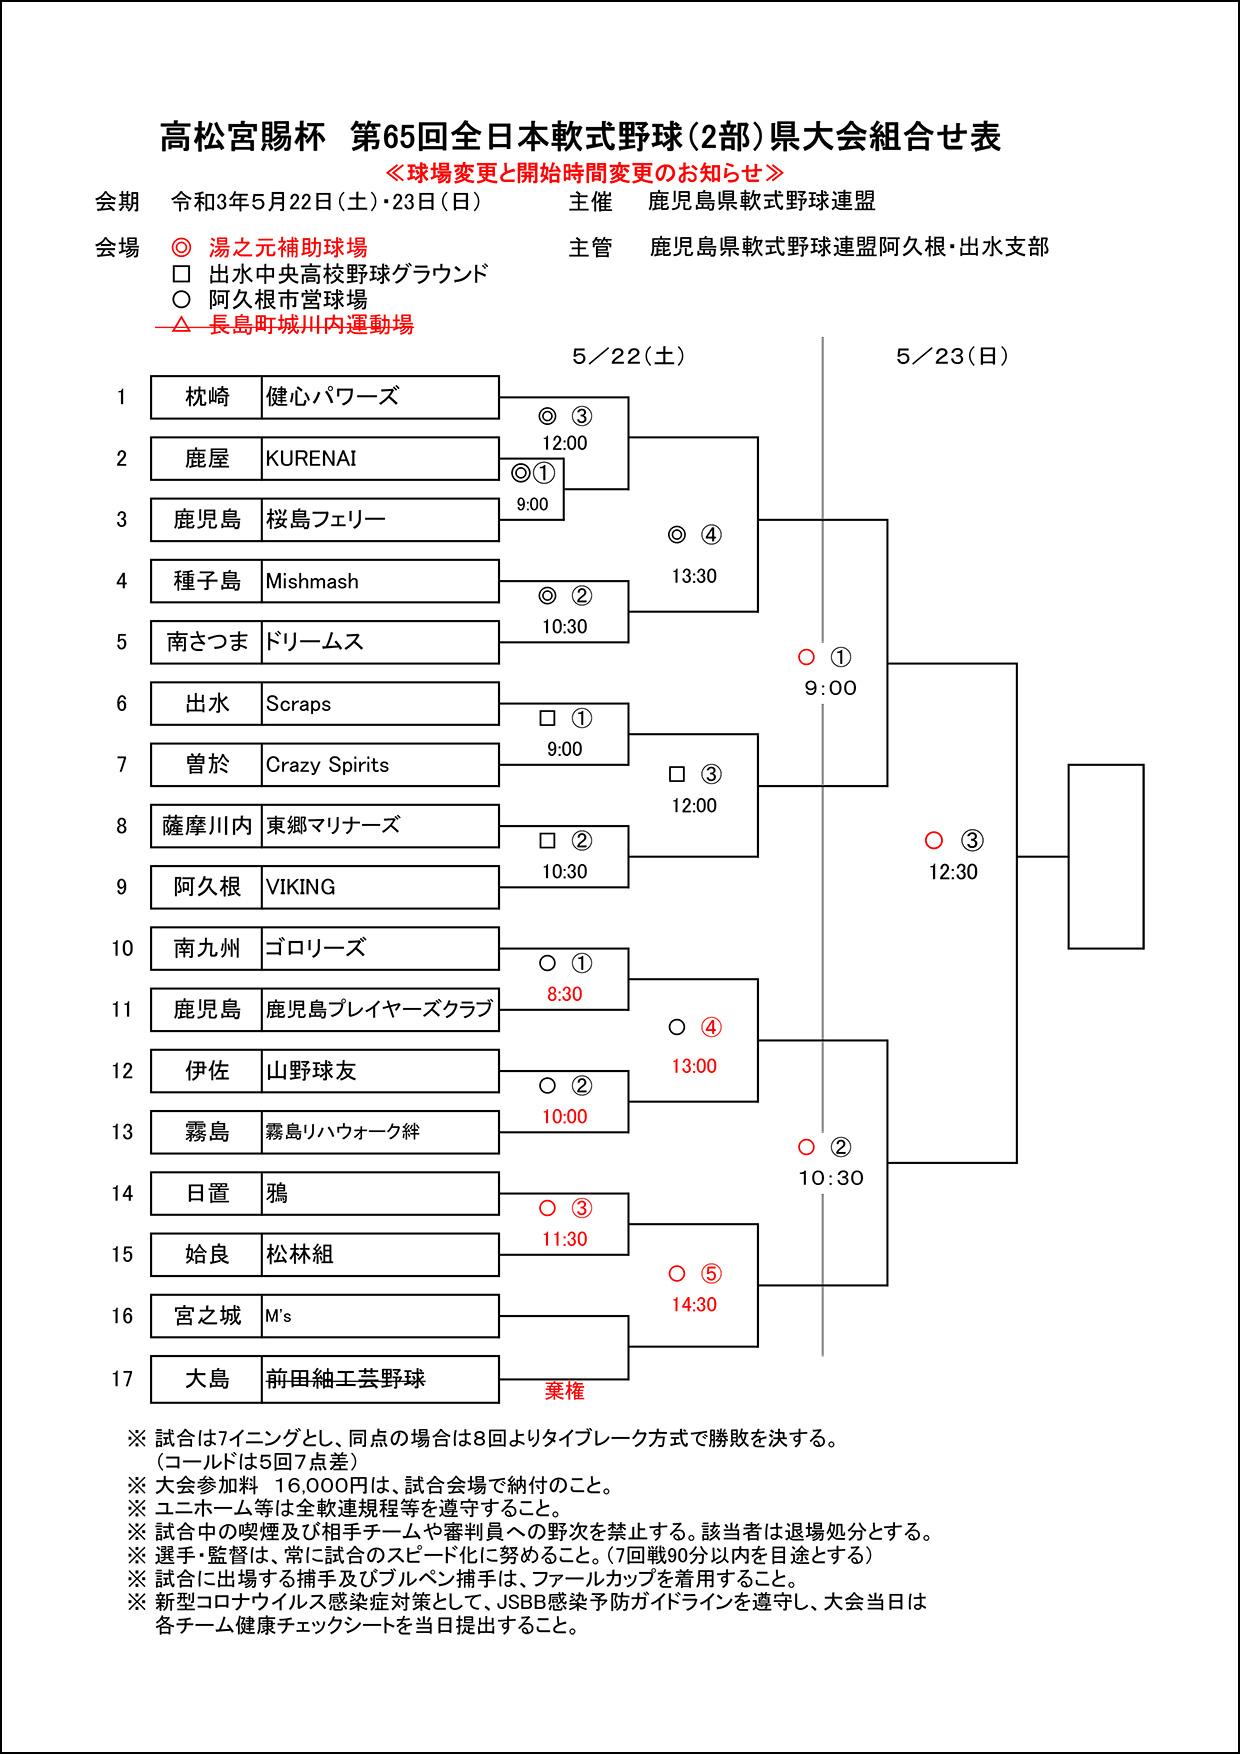 【変更】高松宮賜杯 第65回全日本軟式野球(2部)県大会